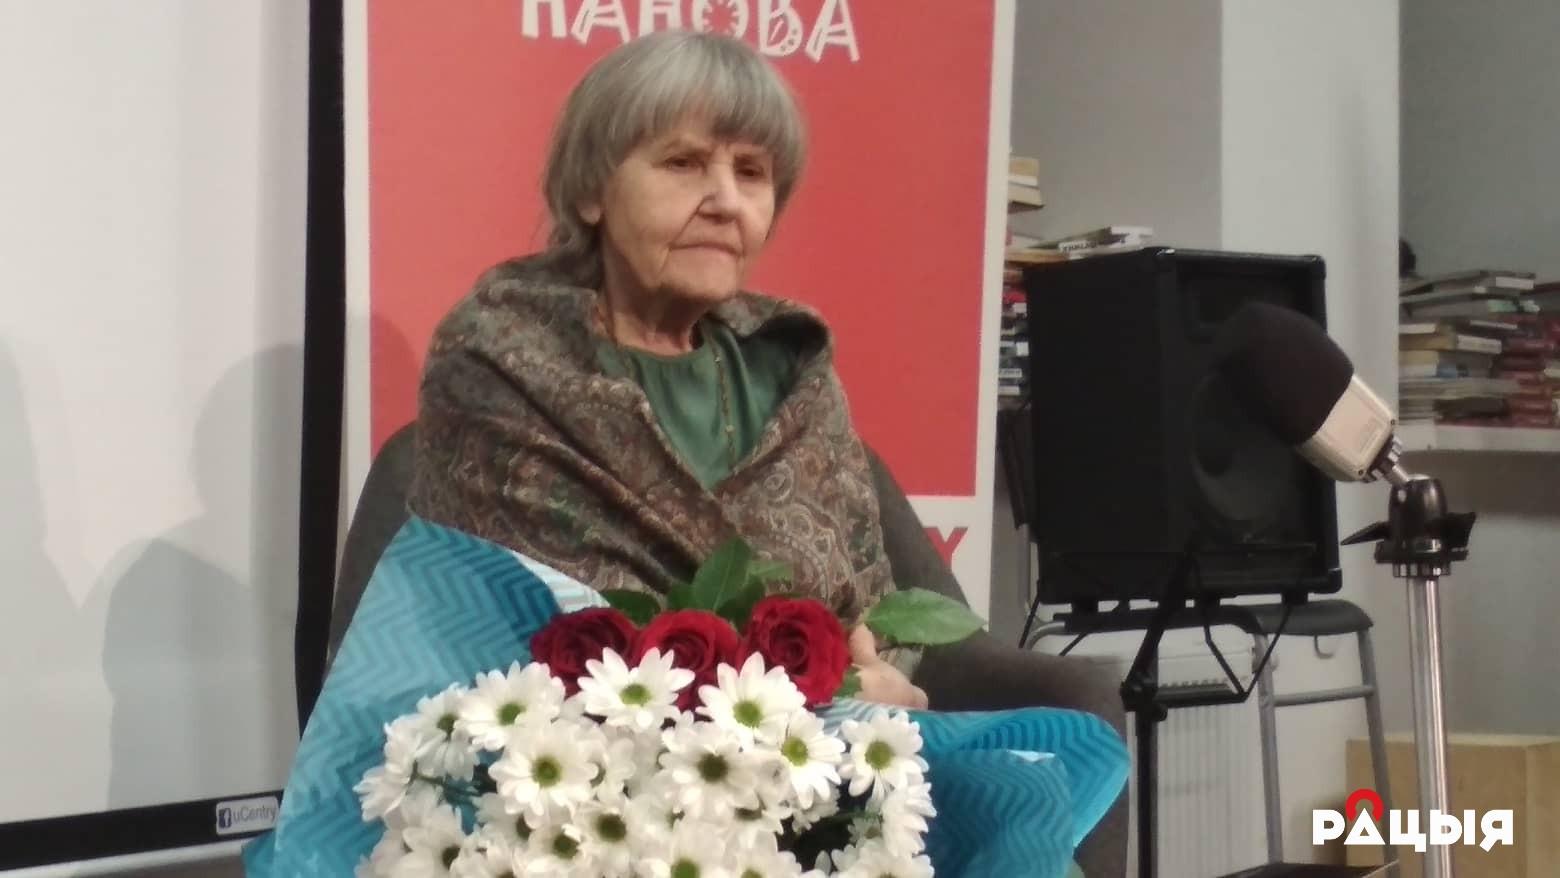 Данута Бічэль: Нікуды не прападзе Беларусь. Паэтка адзначыла дзень народзінаў прэзентацыяй новай кнігі